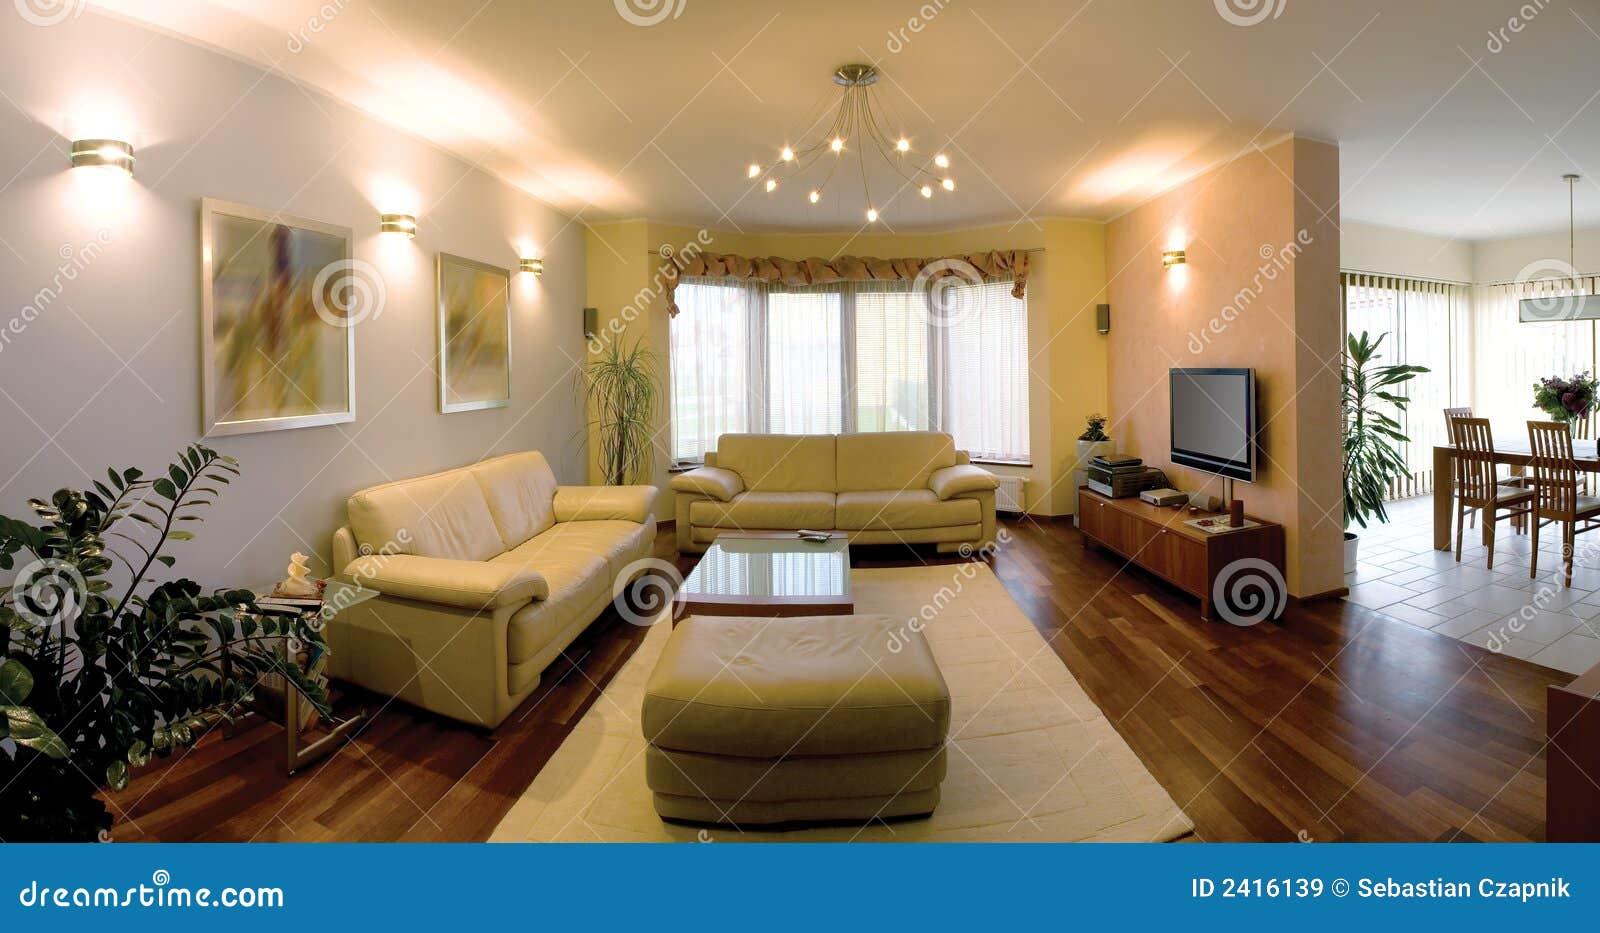 Intérieur d'une maison moderne, vue panoramique, salle de séjour